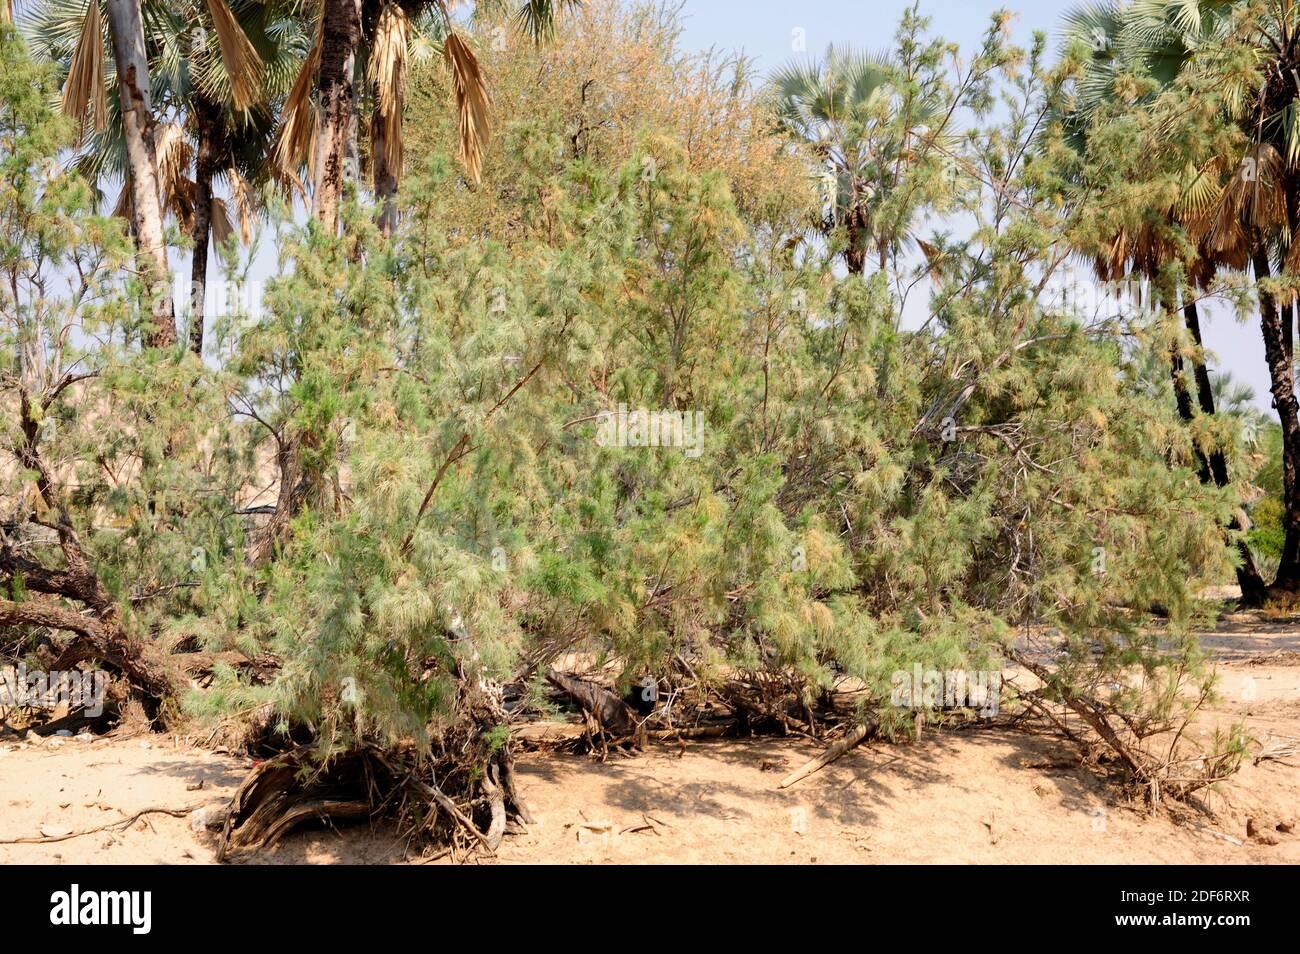 Le tamarisque sauvage (Tamarix usneoides) est un arbuste à feuilles persistantes ou un petit arbre originaire de l'Afrique australe. Cette photo a été prise à Epupa Falls, Namibie. Banque D'Images